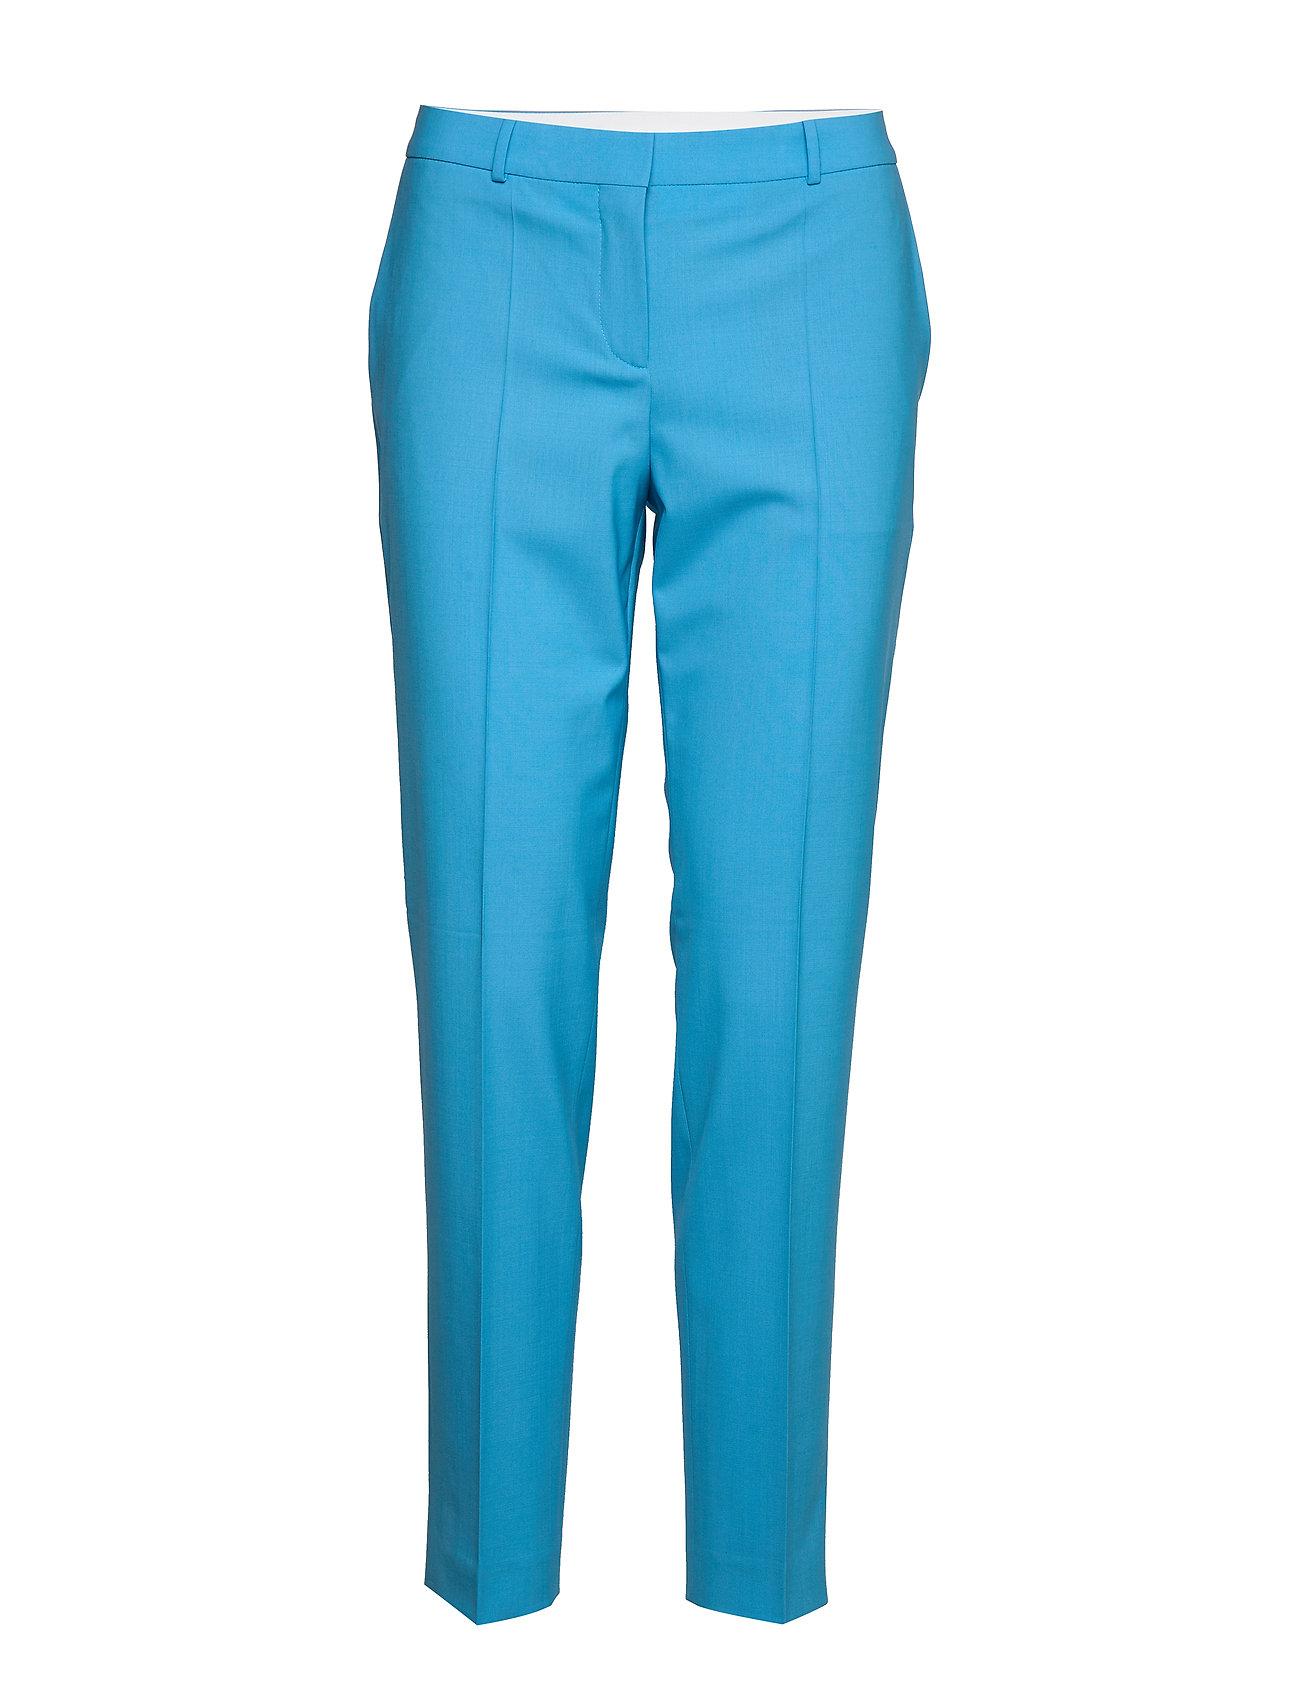 BOSS Tiluna11 - BRIGHT BLUE